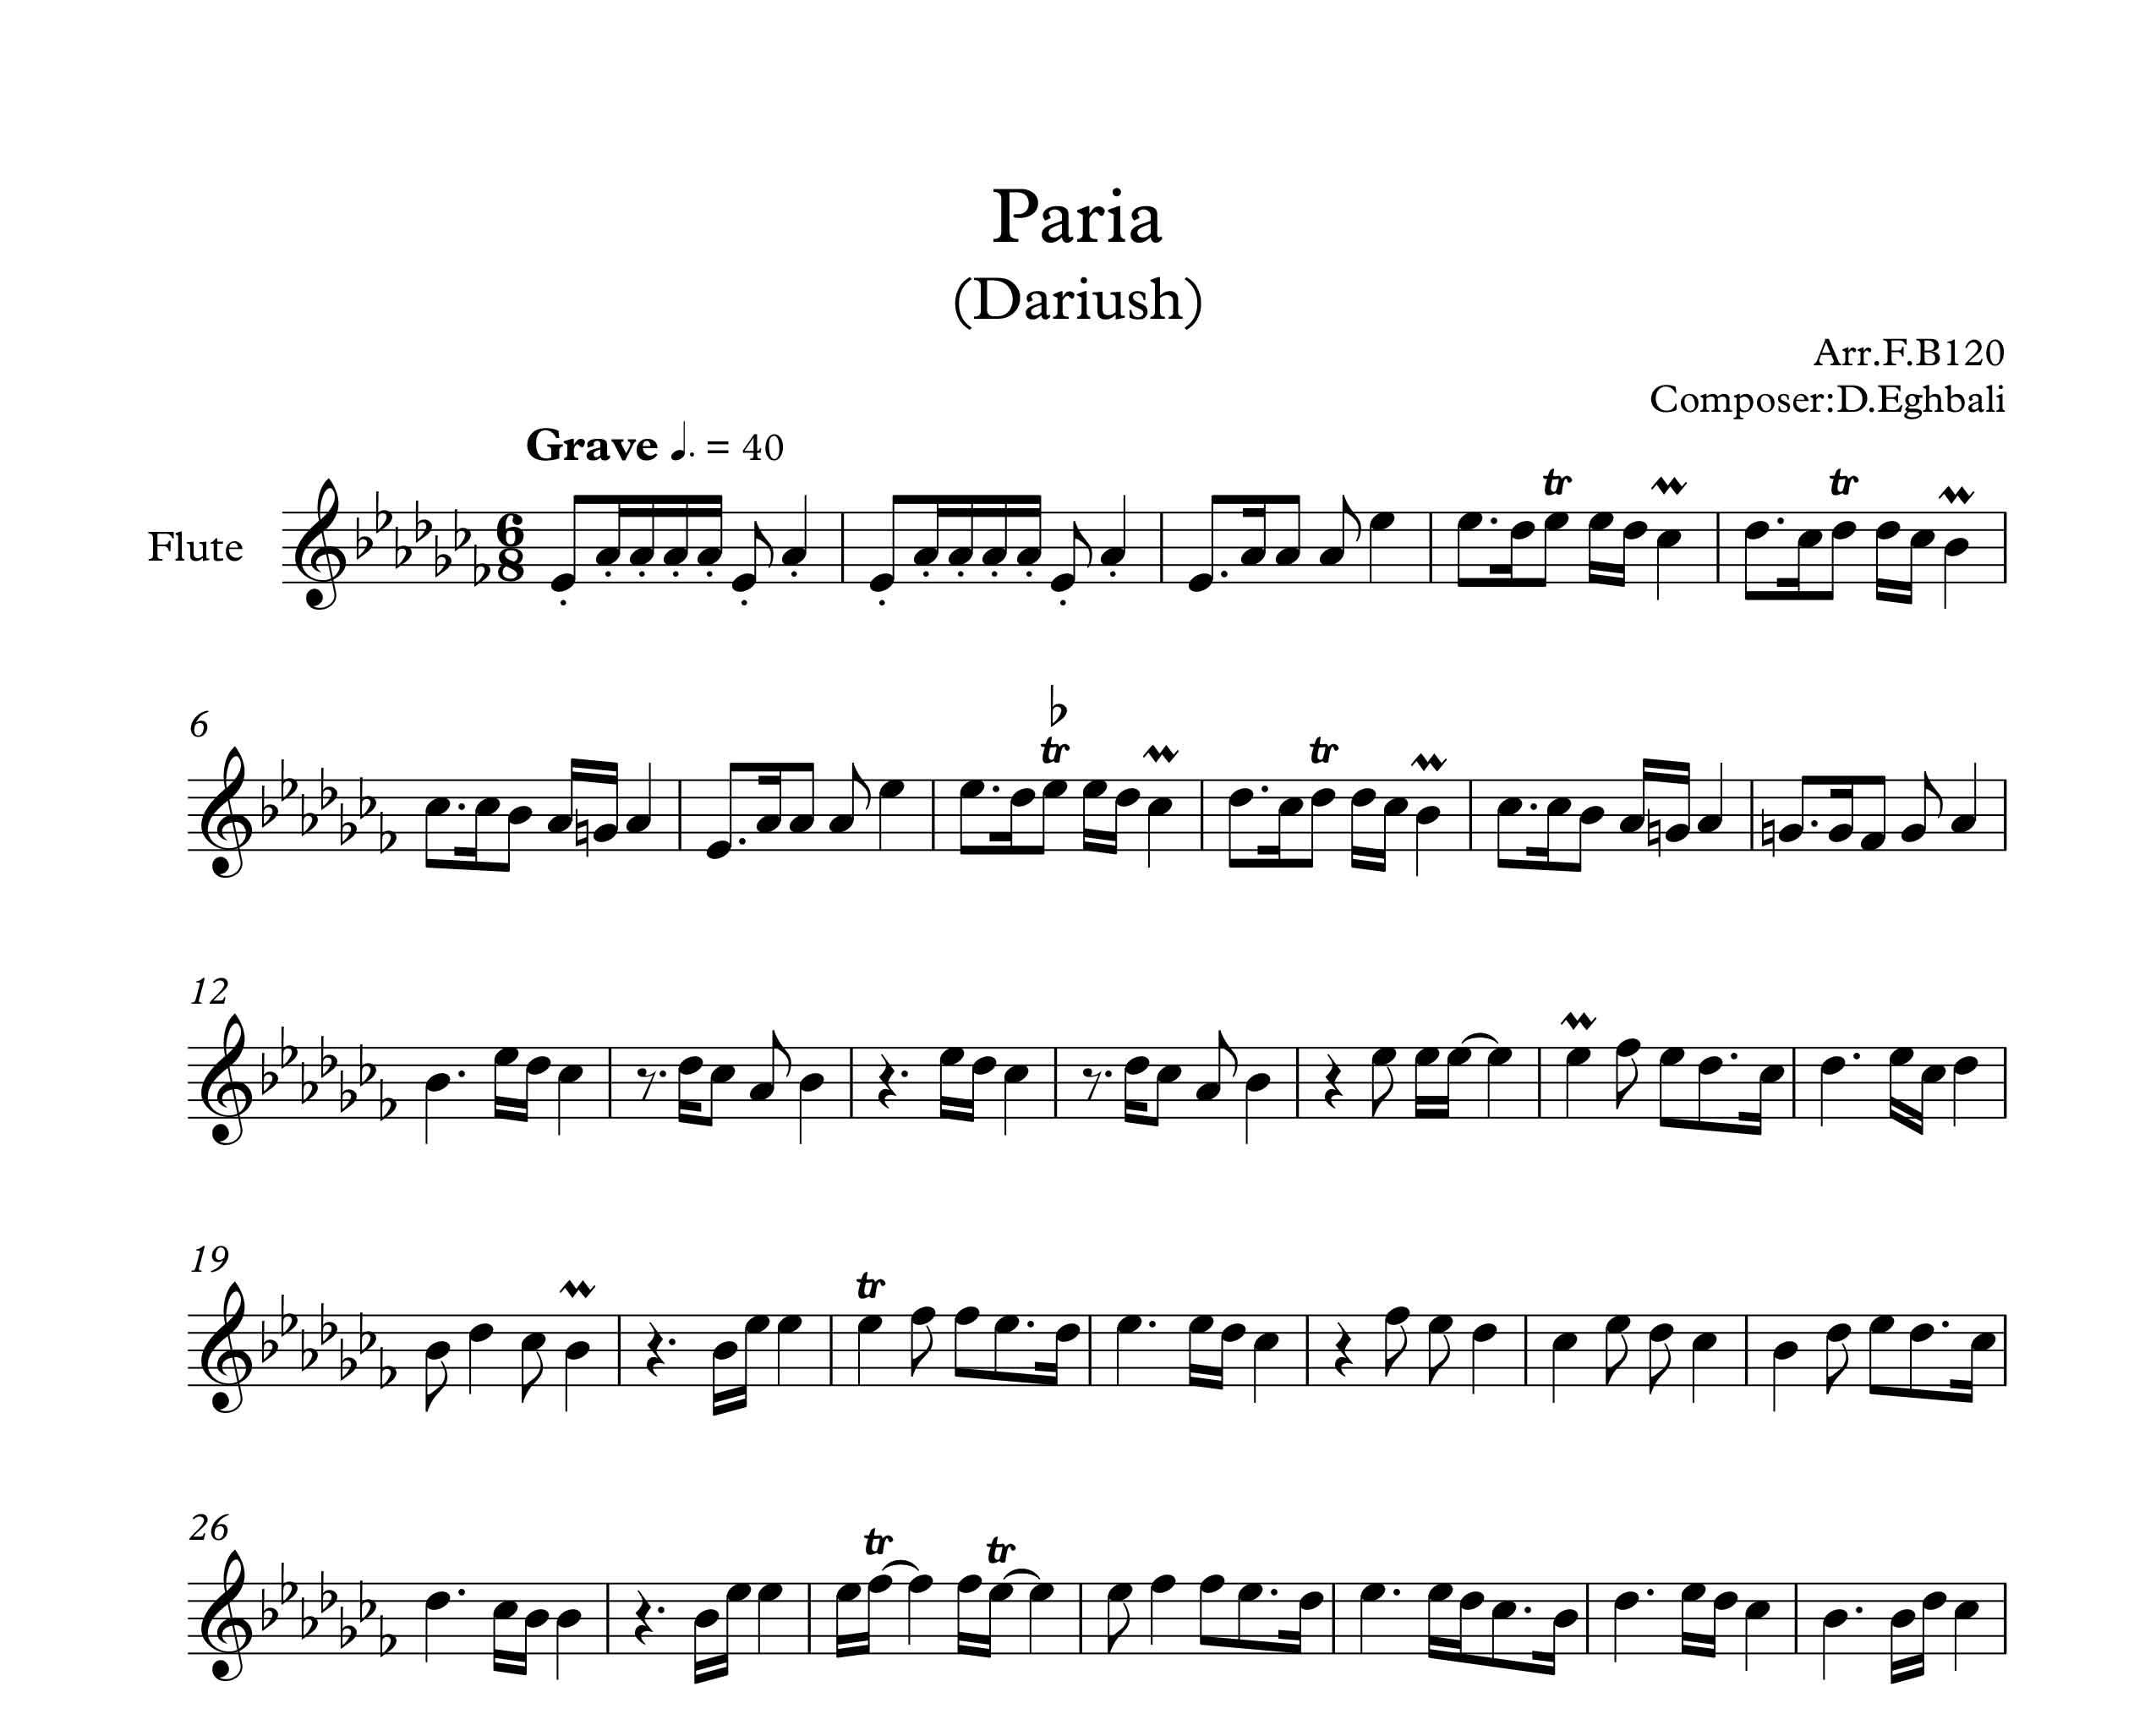 نت آهنگ پریا برای فلوت کلید دارد از داریوش